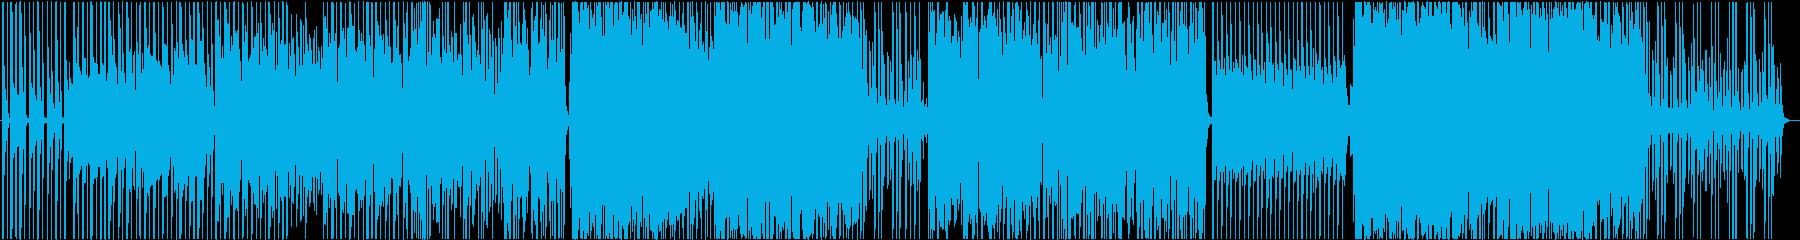 憂鬱系アシッドジャズ。の再生済みの波形